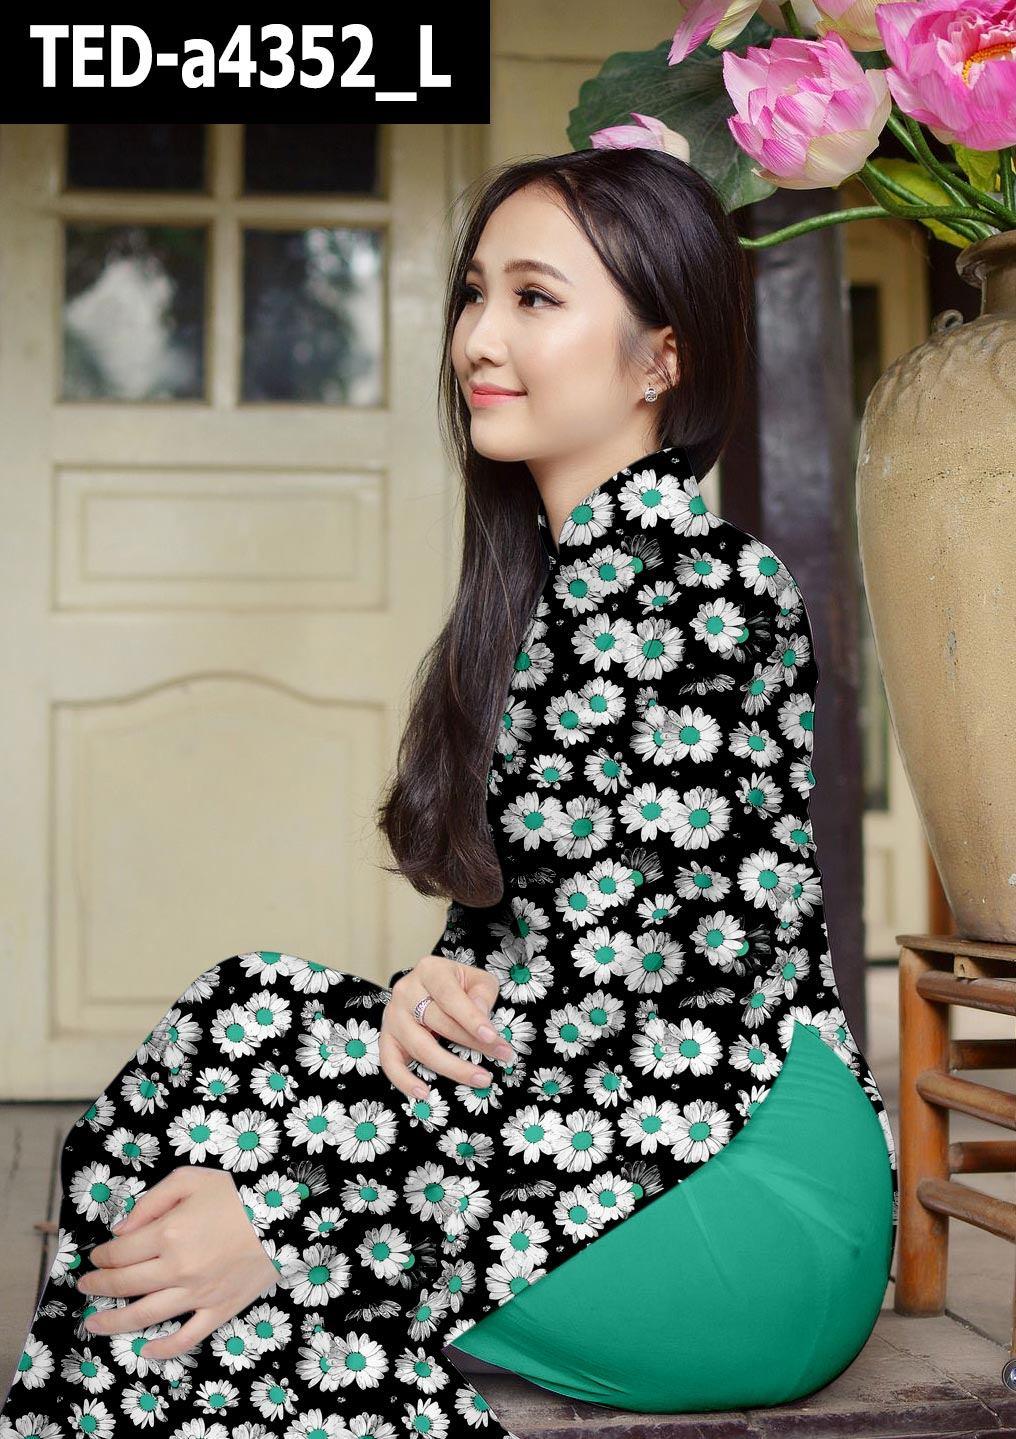 Vải áo dài hoa cúc đều kiểu mới AD TED a4352